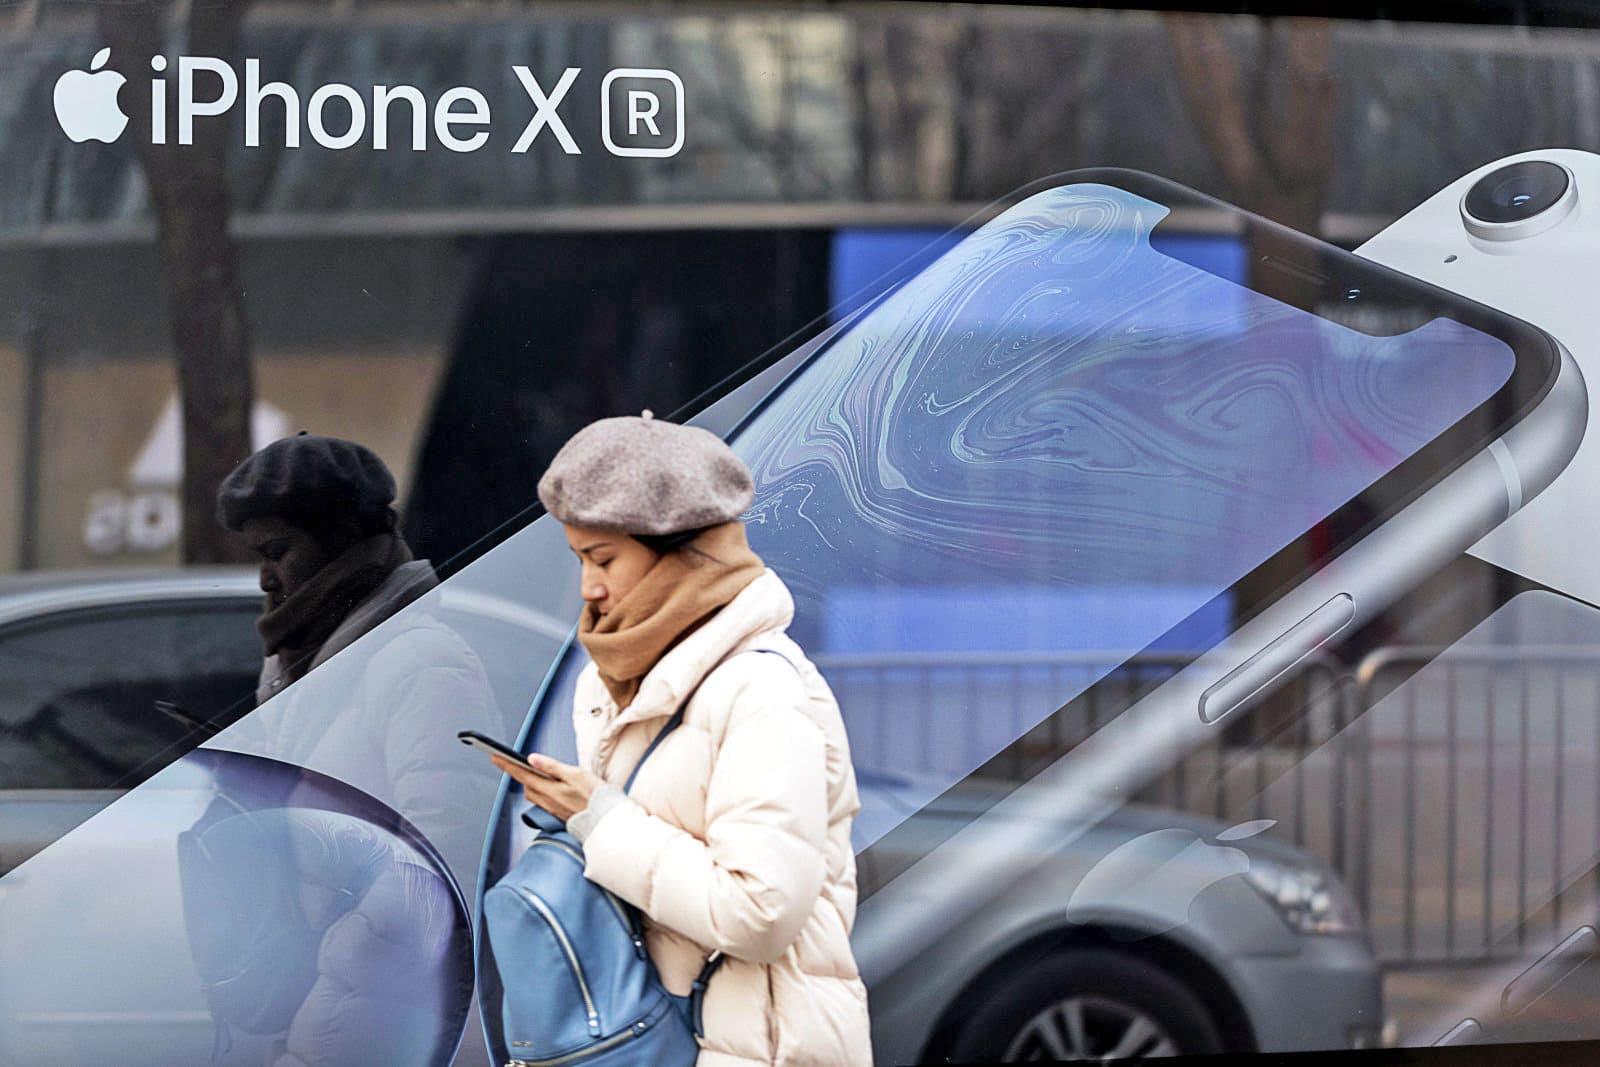 Apple bán iPhone trả góp không lãi suất tại Trung Quốc nhằm thúc đẩy doanh số